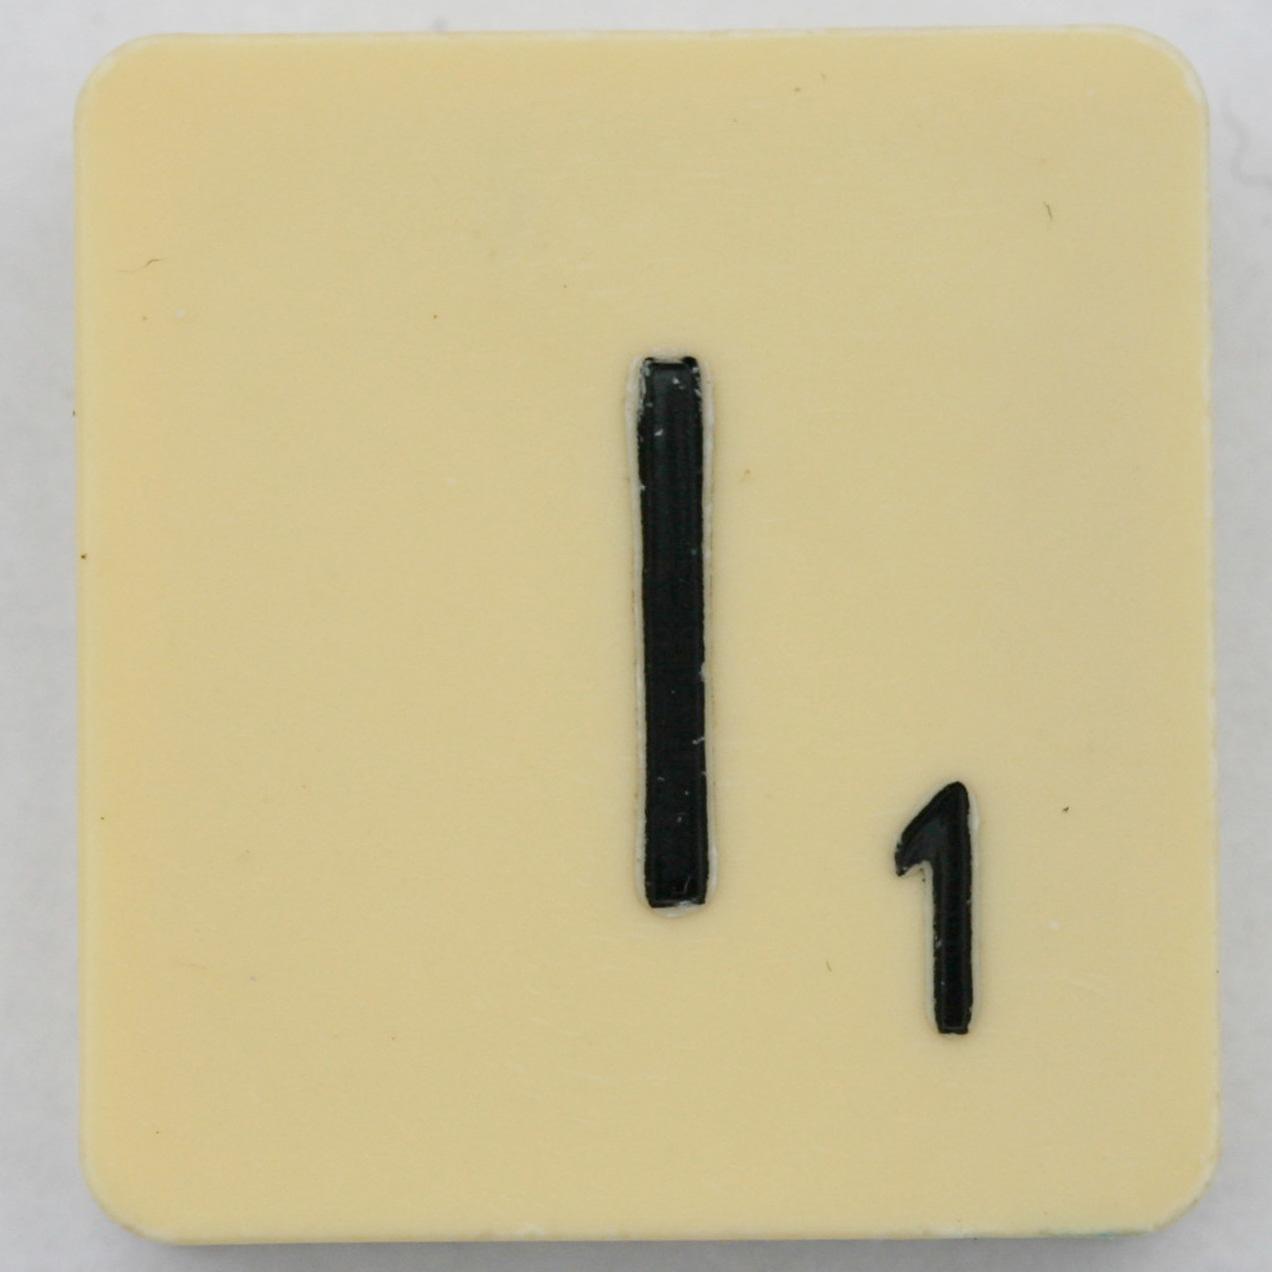 Scrabble Letter I